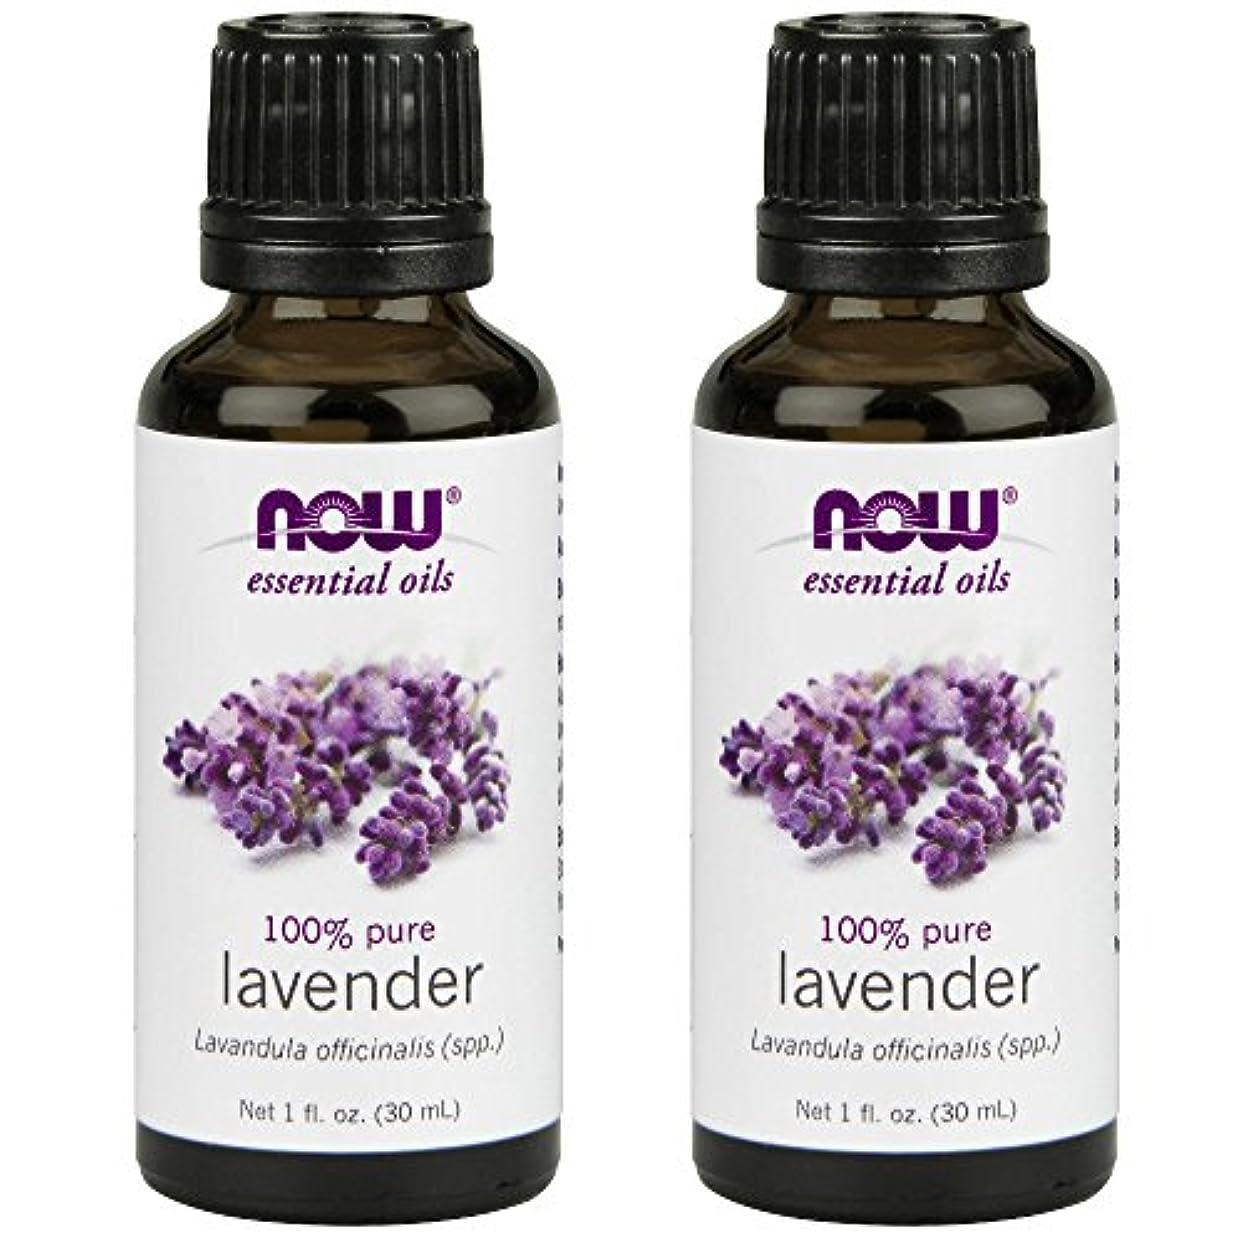 不健全ゲスト面倒エッセンシャルオイル ラベンダーオイル 30ml 2個セット ナウフーズ 並行輸入品 NOW Foods Essential Oils Lavender 1 oz Pack of 2